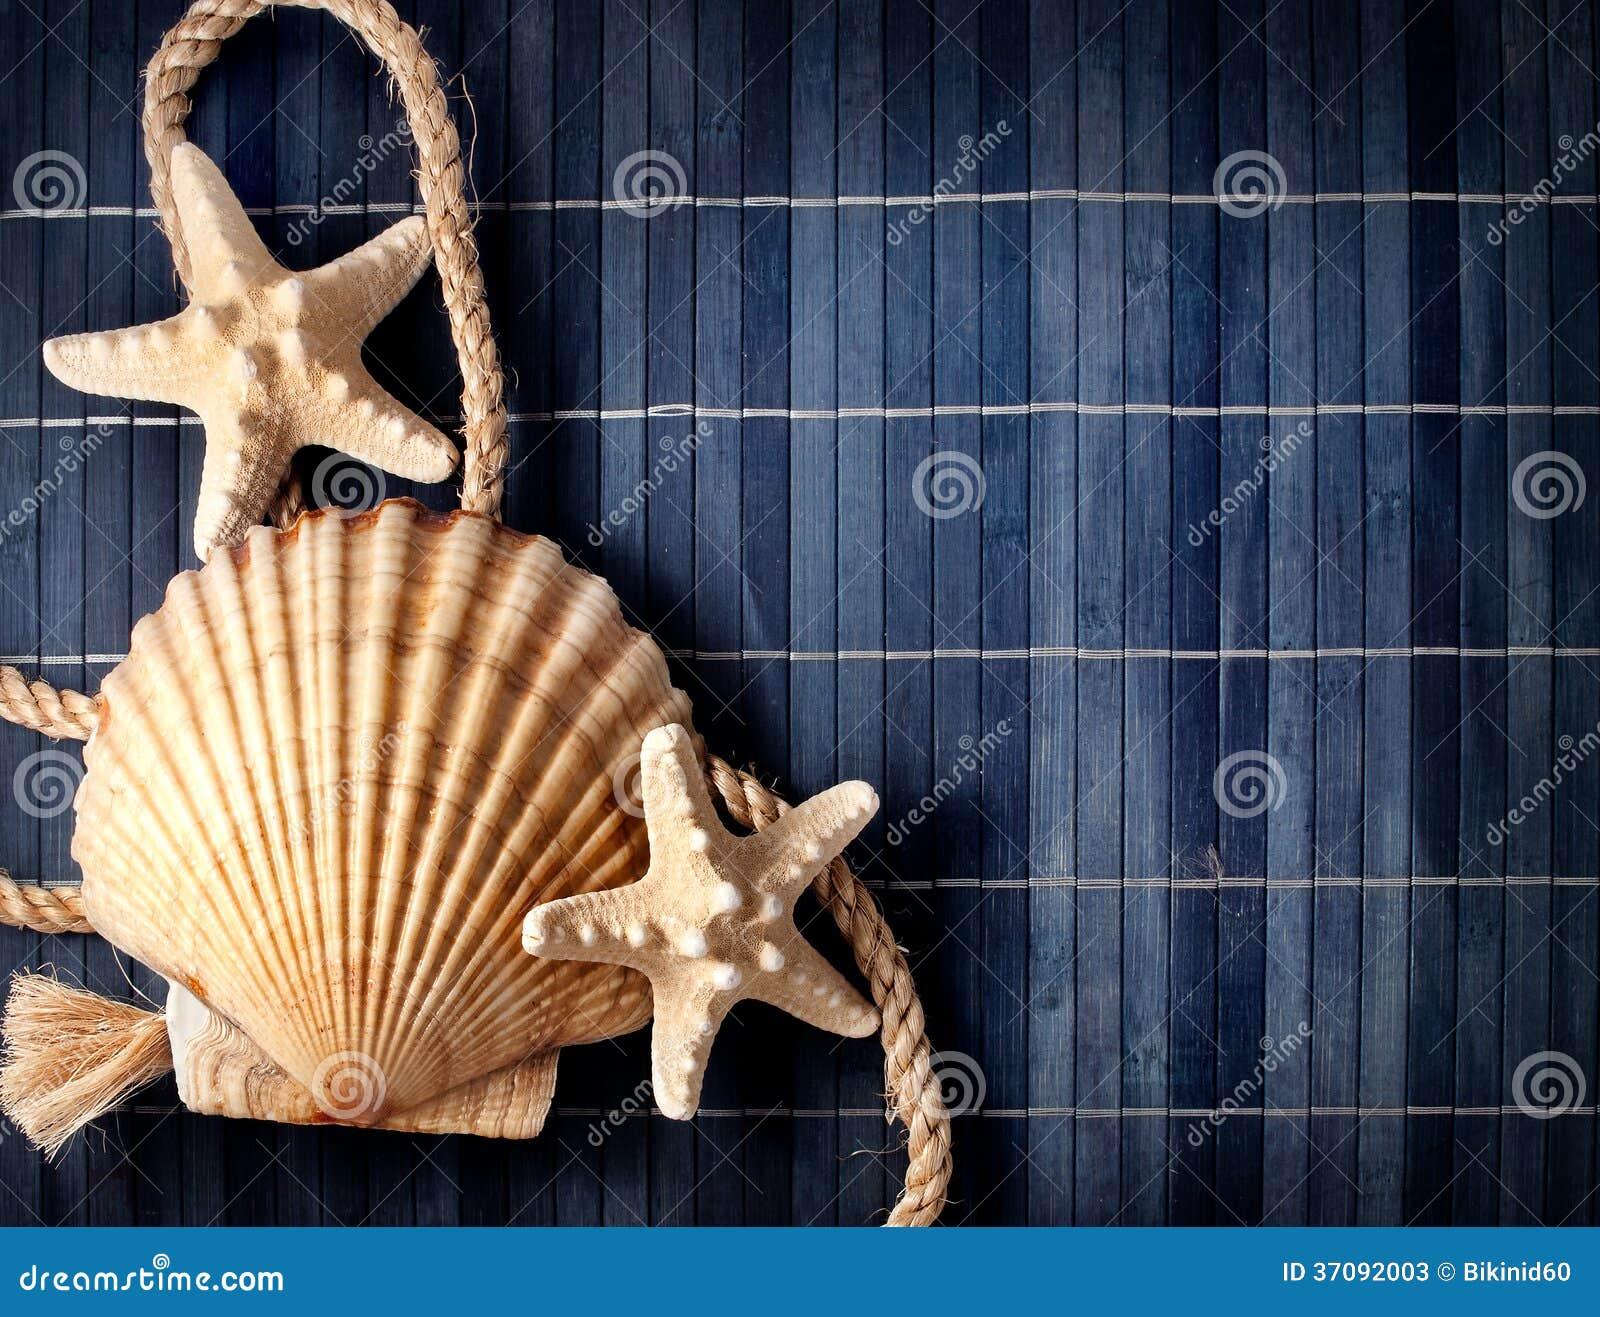 Download Żołnierza Piechoty Morskiej Wciąż życie. Obraz Stock - Obraz złożonej z ocean, milczek: 37092003